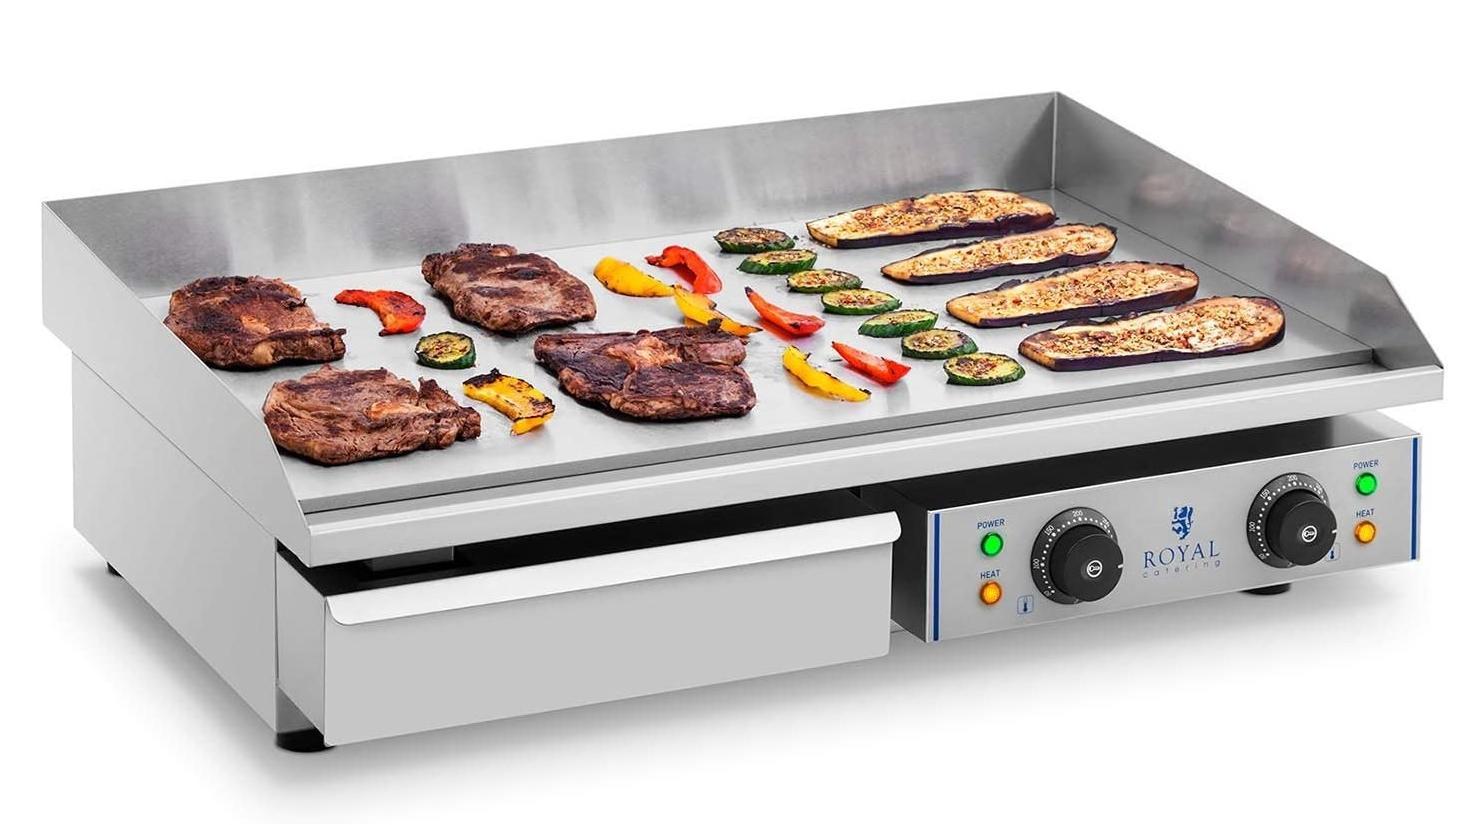 Plancha: Die heiße Platte ist vielseitig einsetzbar.